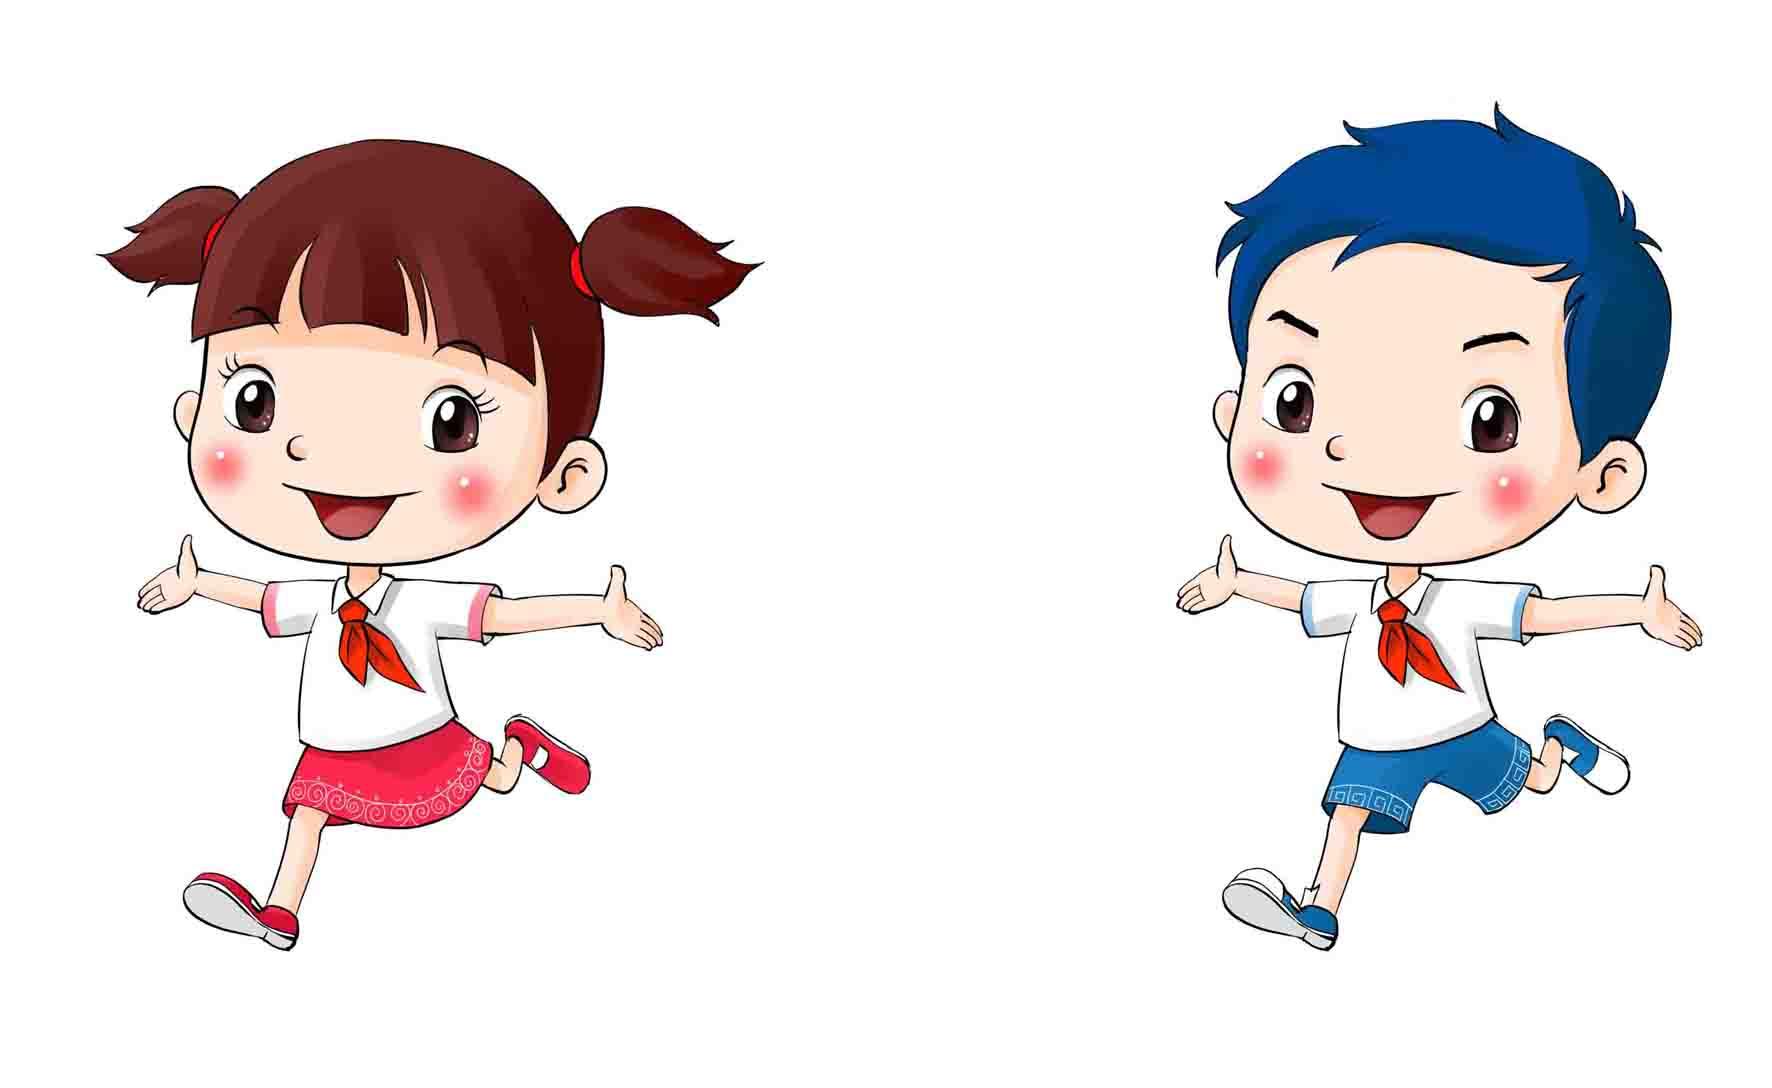 山东少先队员形象鲁鲁齐齐、卡通正式发布美女腿长牛仔裤图片